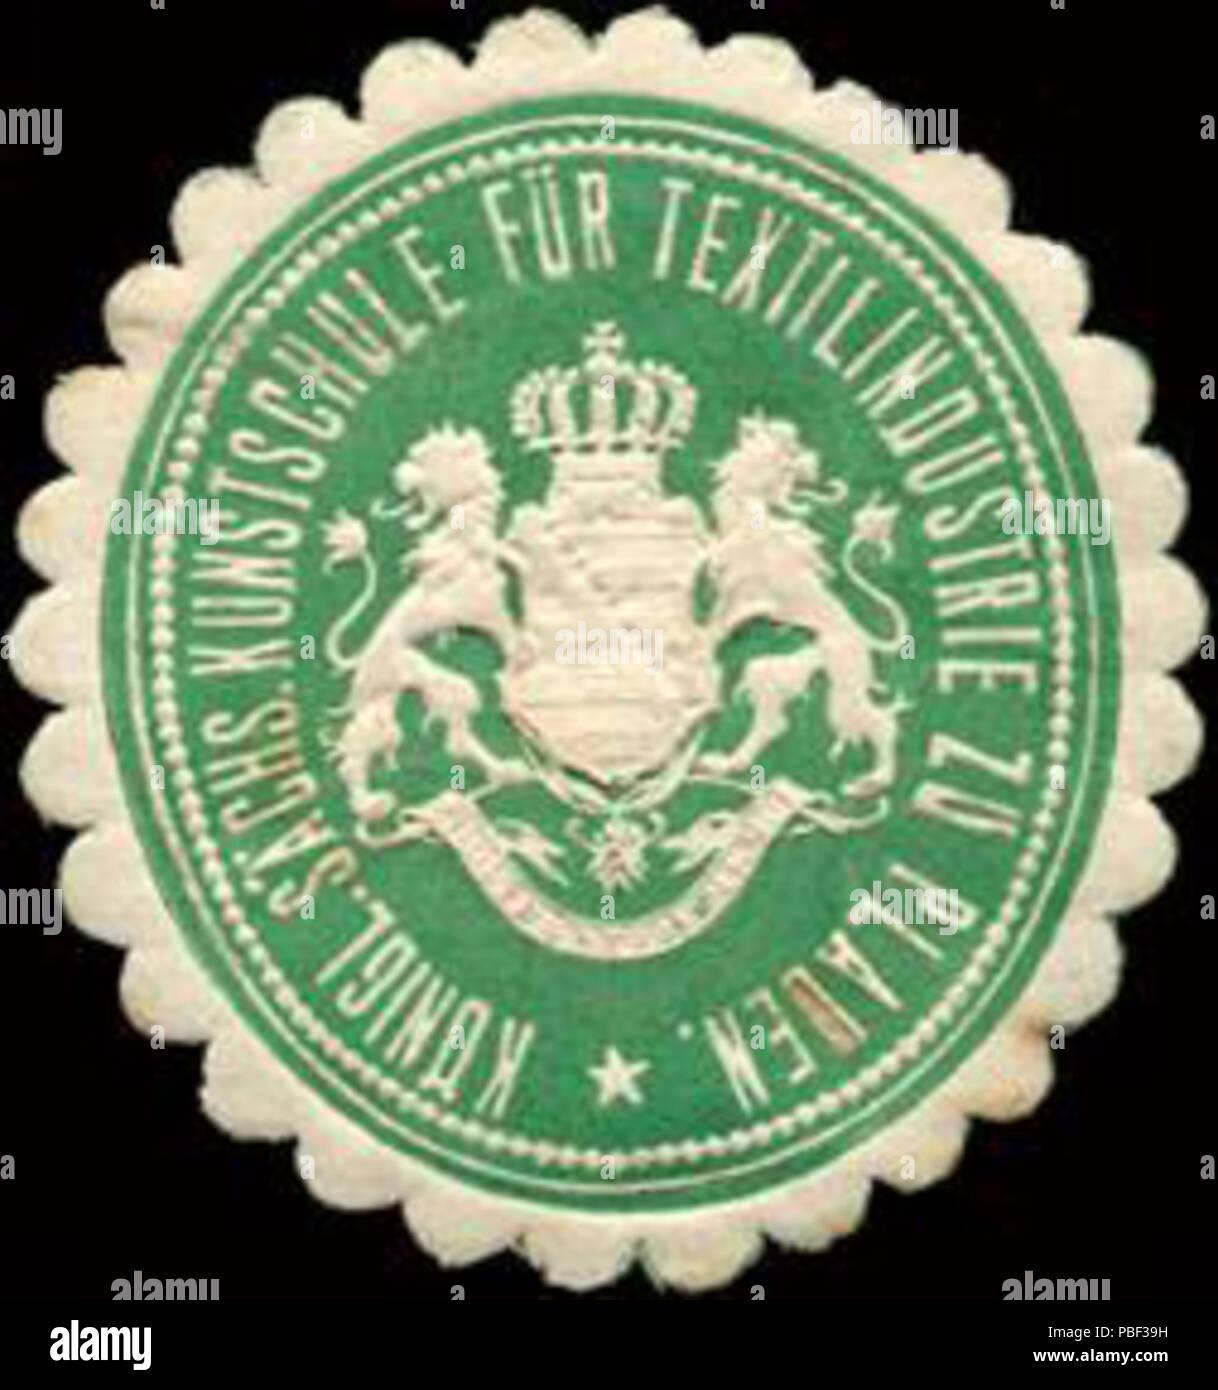 Alte Briefverschlussmarke aus Papier, welche seit ca. 1850 von Behoerden, Anwaelten, Notaren und Firmen zum verschliessen der Post verwendet wurde. 1462 Siegelmarke Königlich Sächsische Kunstschule für Textilindustrie zu Plauen W0213497 - Stock Image